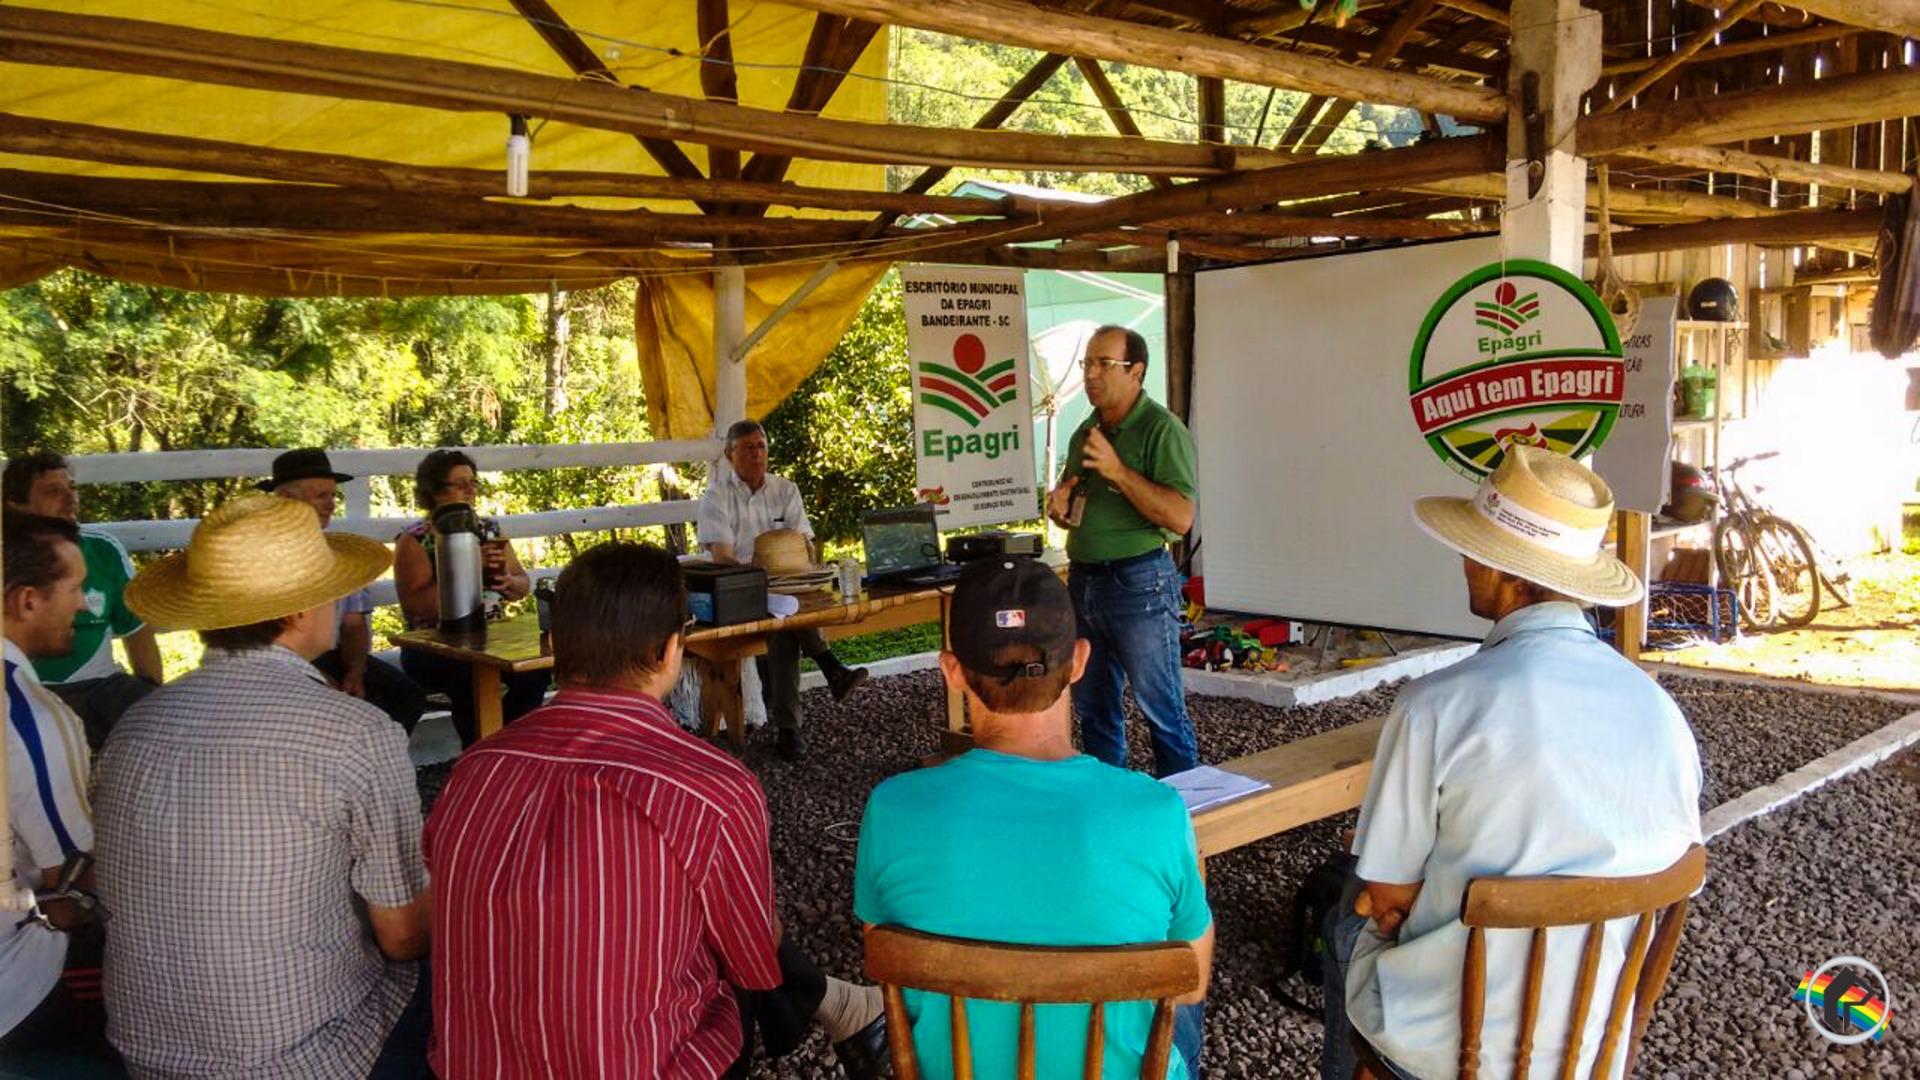 Cerca de 20 famílias participam de curso oferecido pela Epagri em Bandeirante